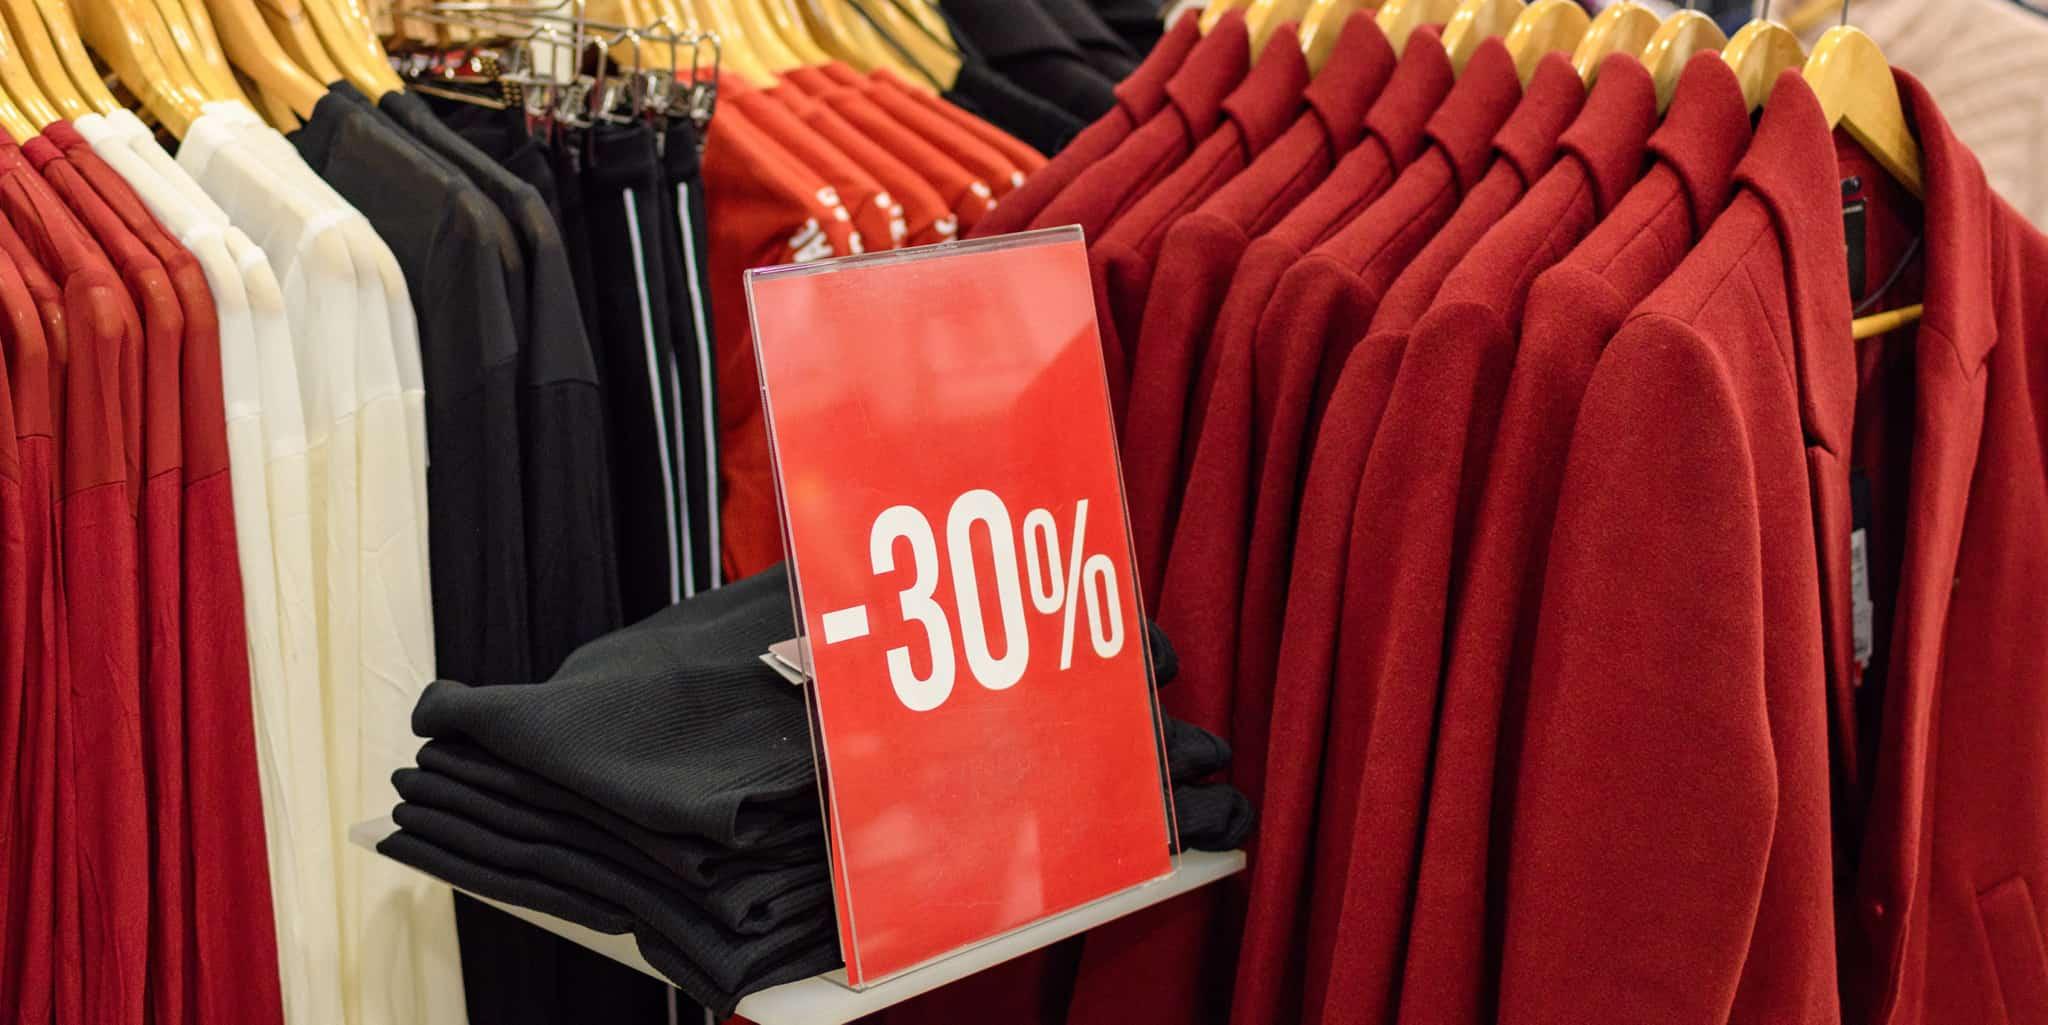 Saldos_compras_centro comercial_consumismo 30